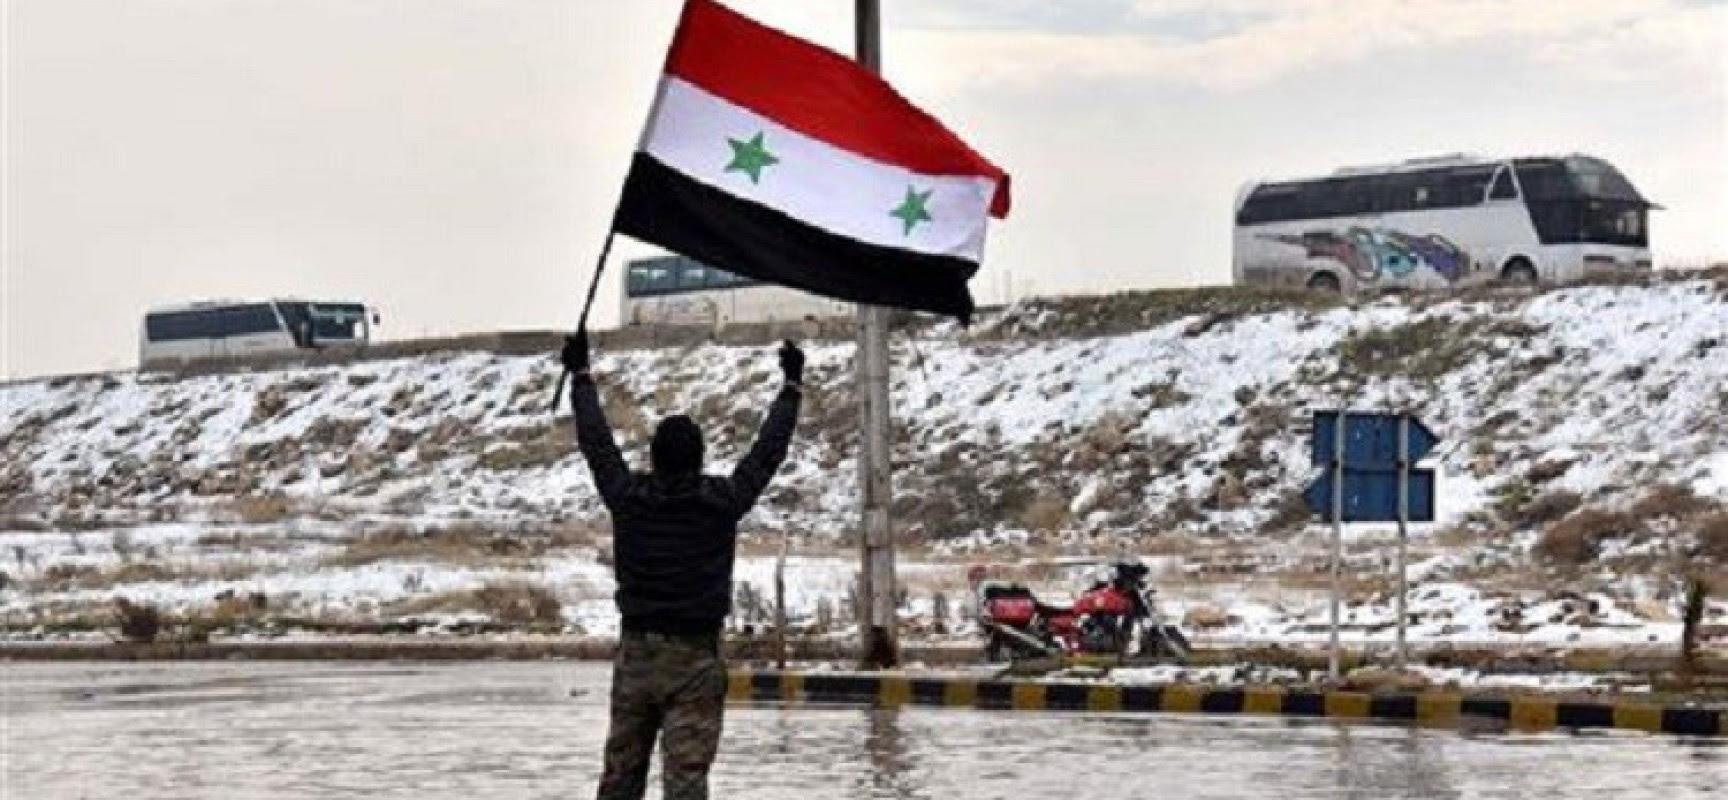 Alep de l'est dévoile les horreurs des rebelles: des charniers, des mines, des engins explosifs et un arsenal énorme (vidéos)